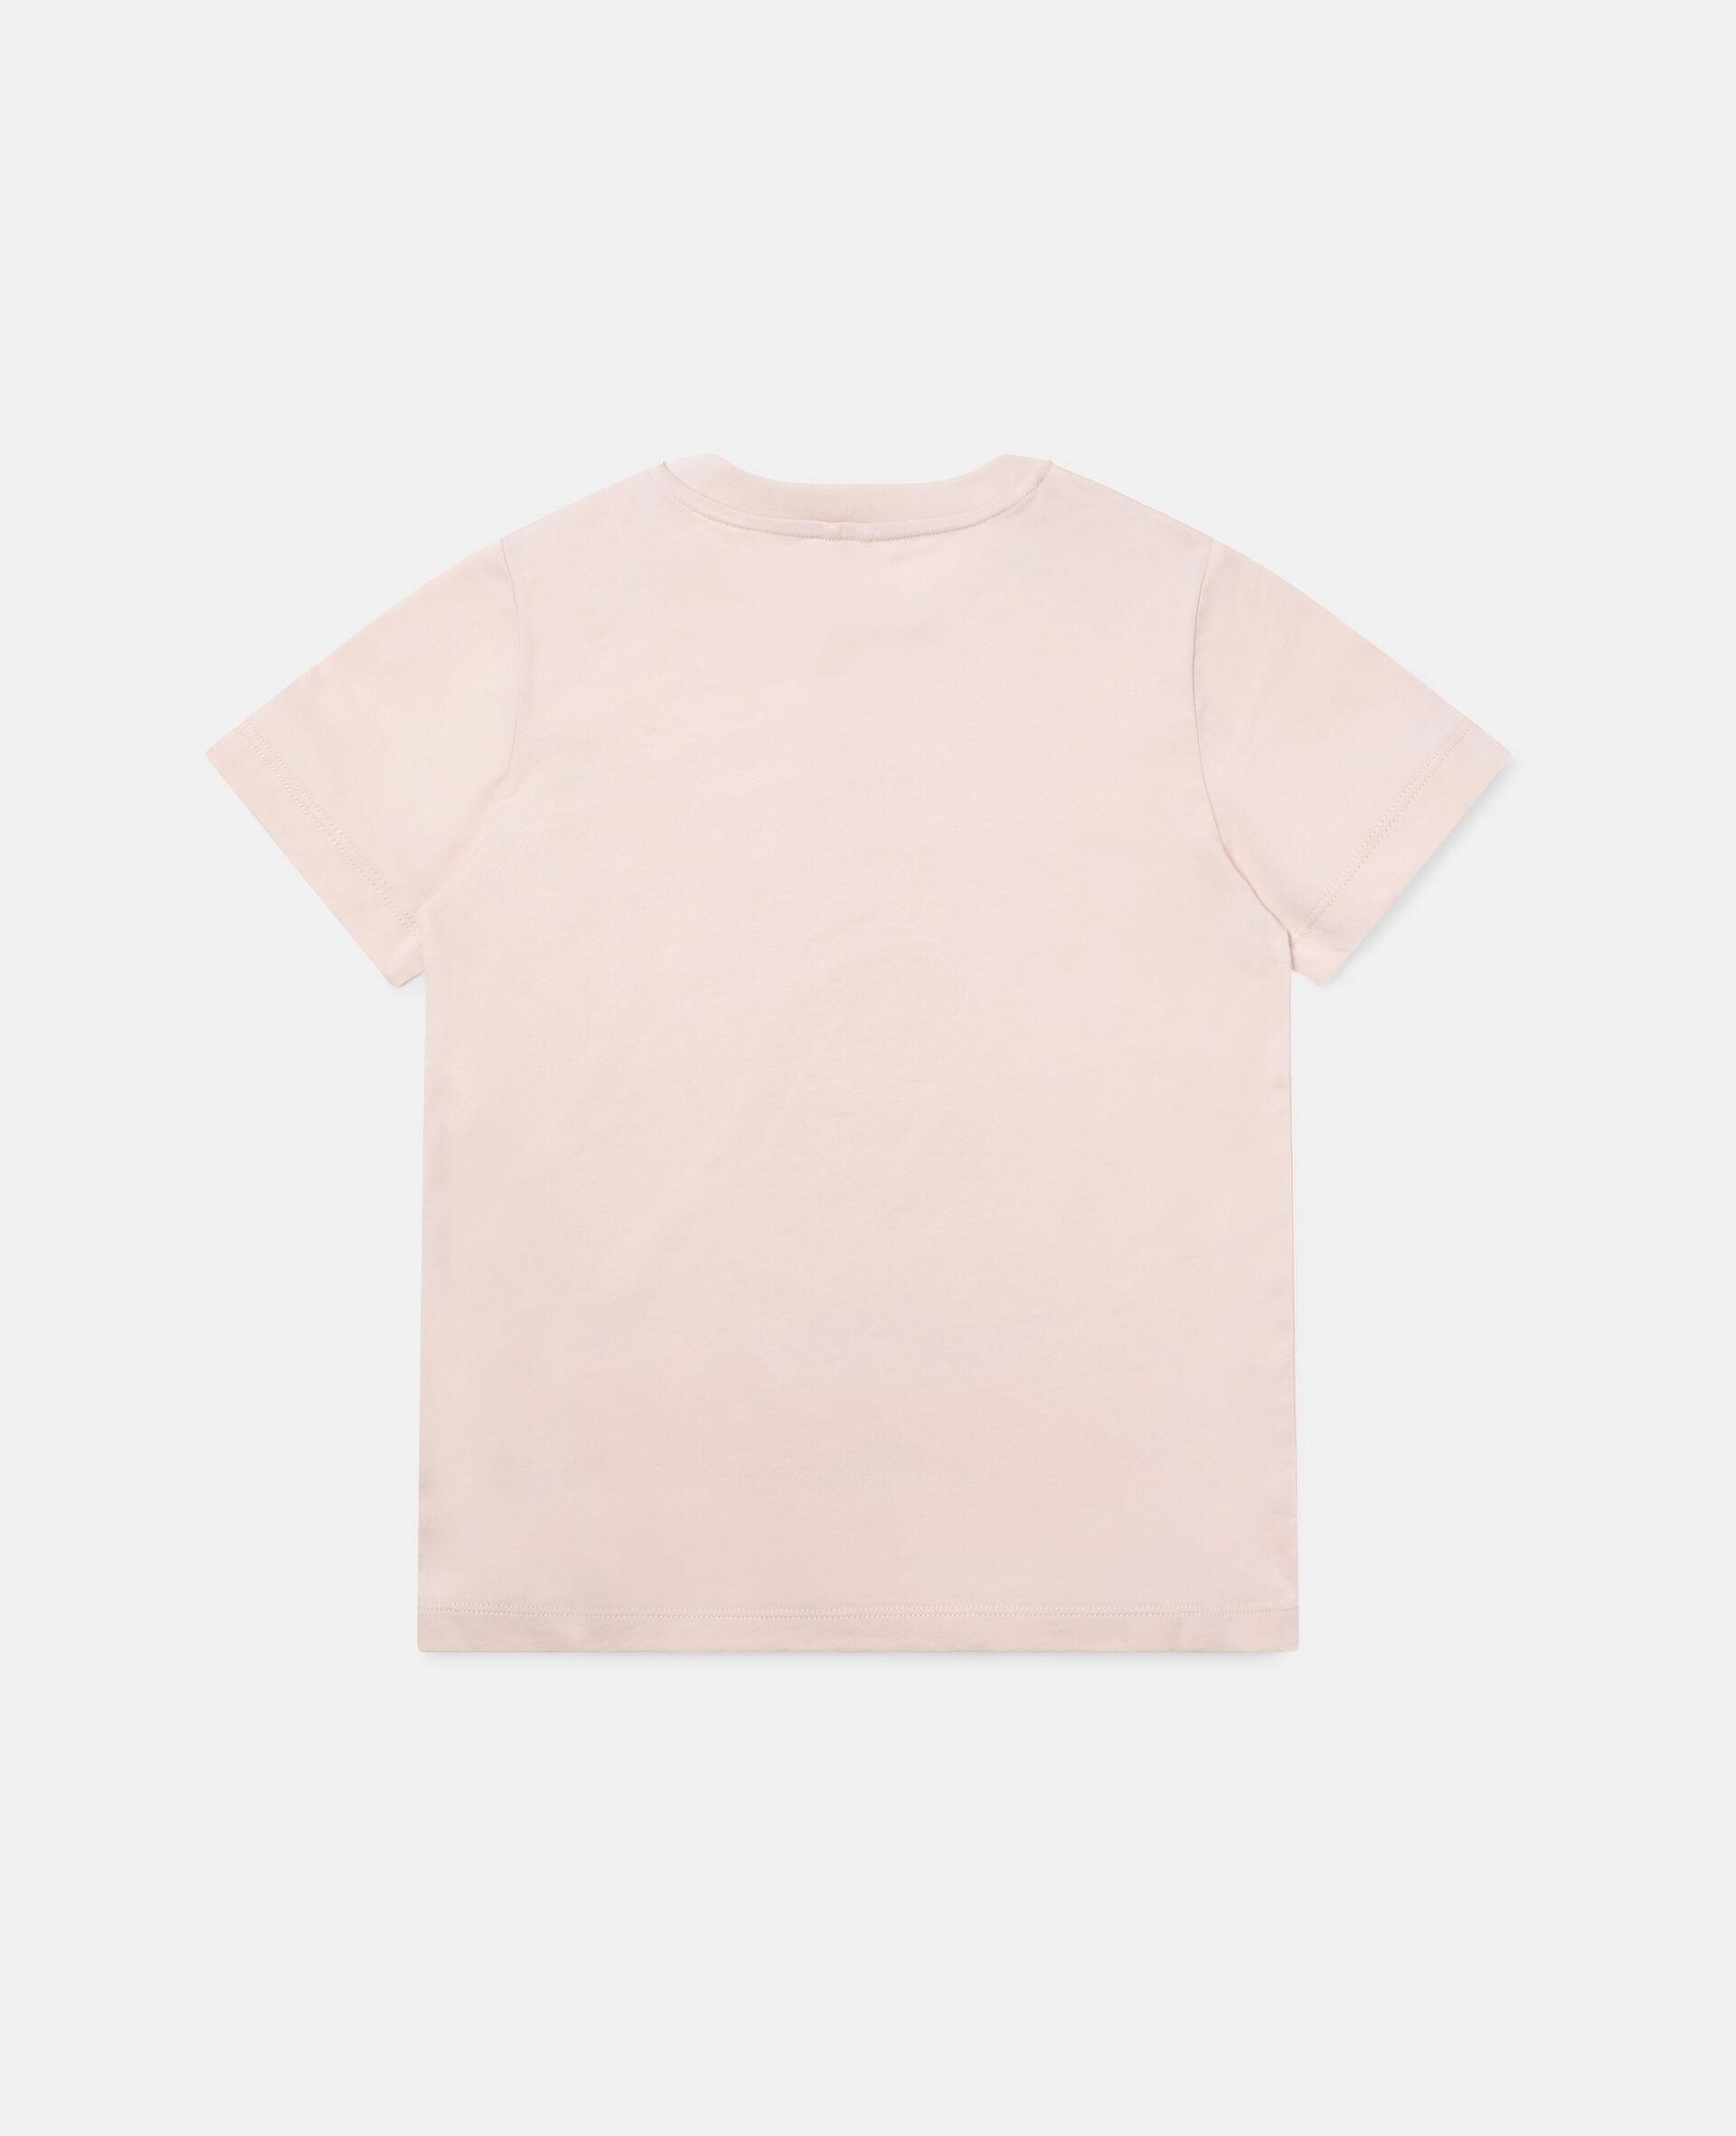 Skating Poodle Cotton T-shirt-Pink-large image number 3